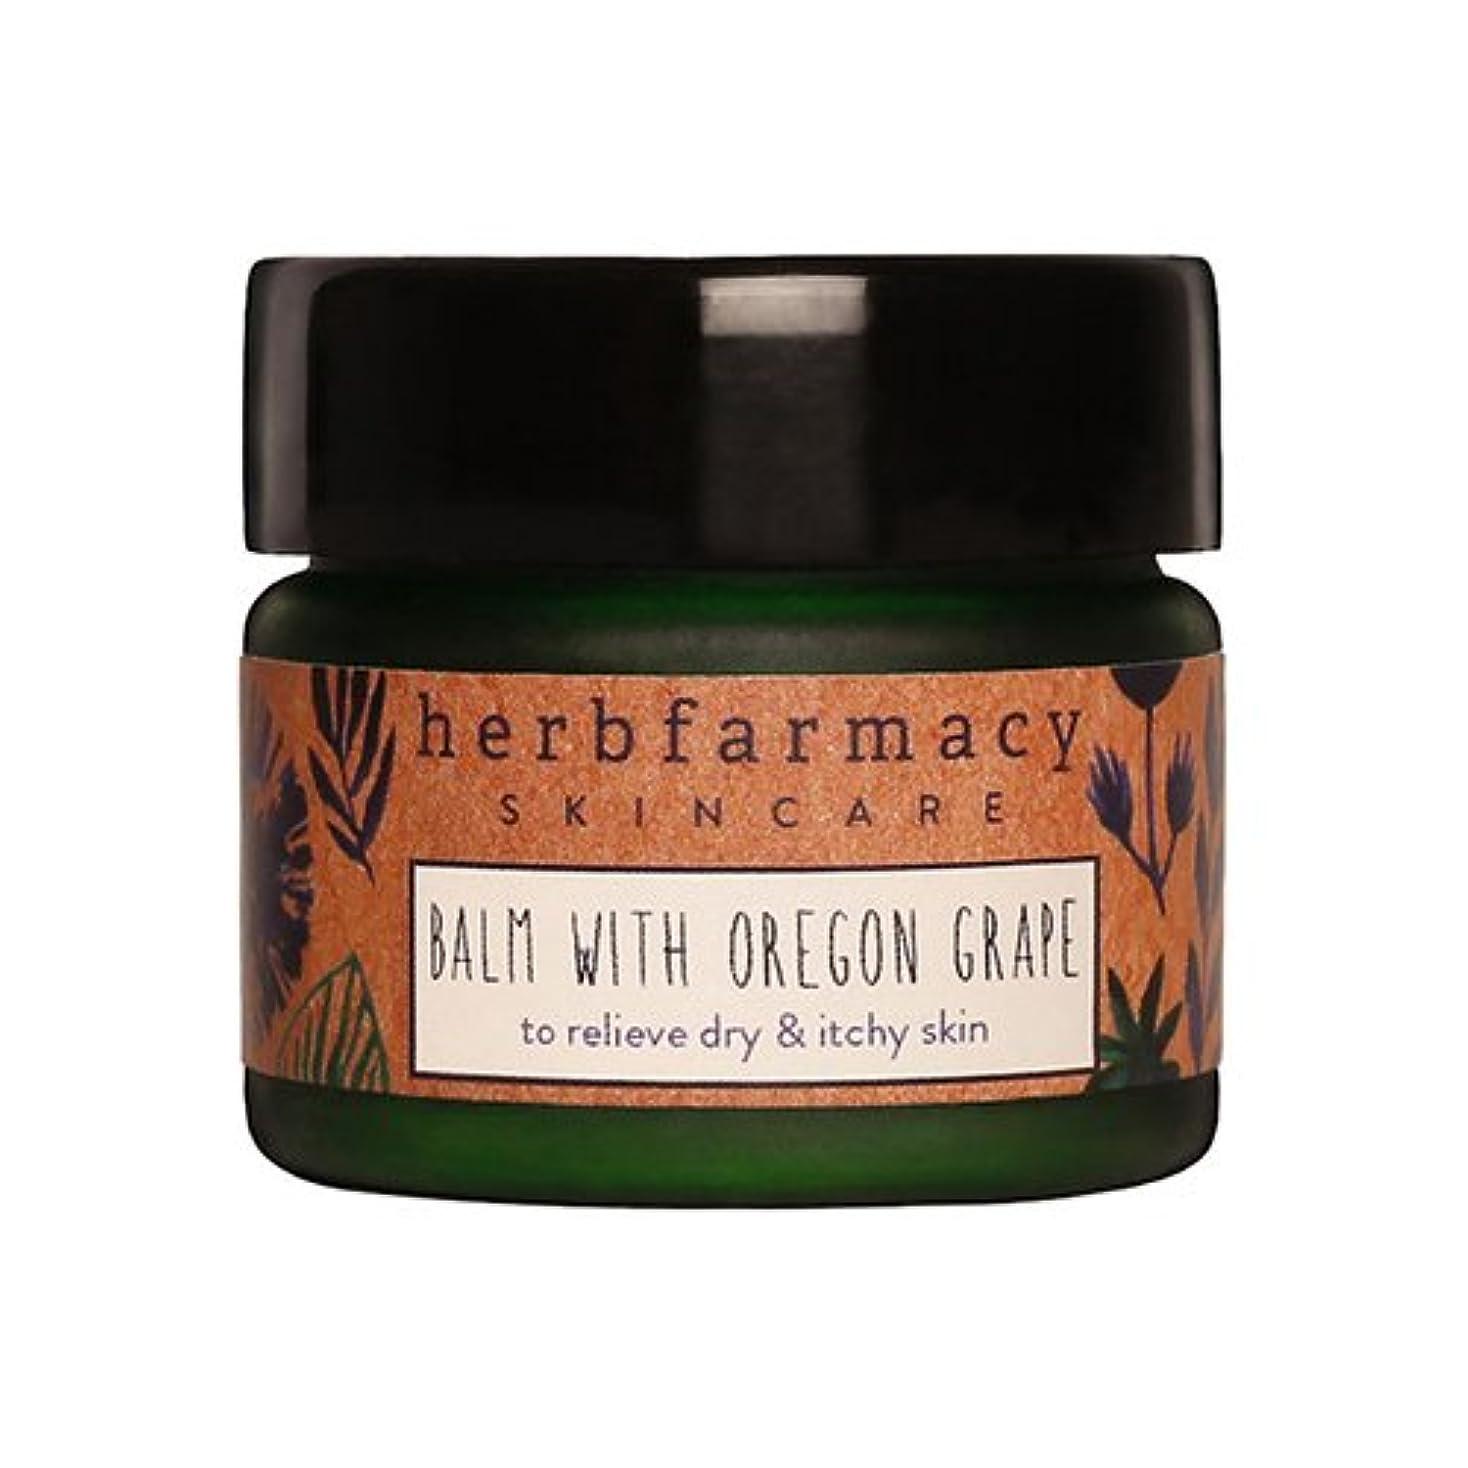 マイクロプロセッサ角度バイパスハーブファーマシー (herbfarmacy) オーガニック グレープ バーム 〈フェイスバーム〉 (20mL)